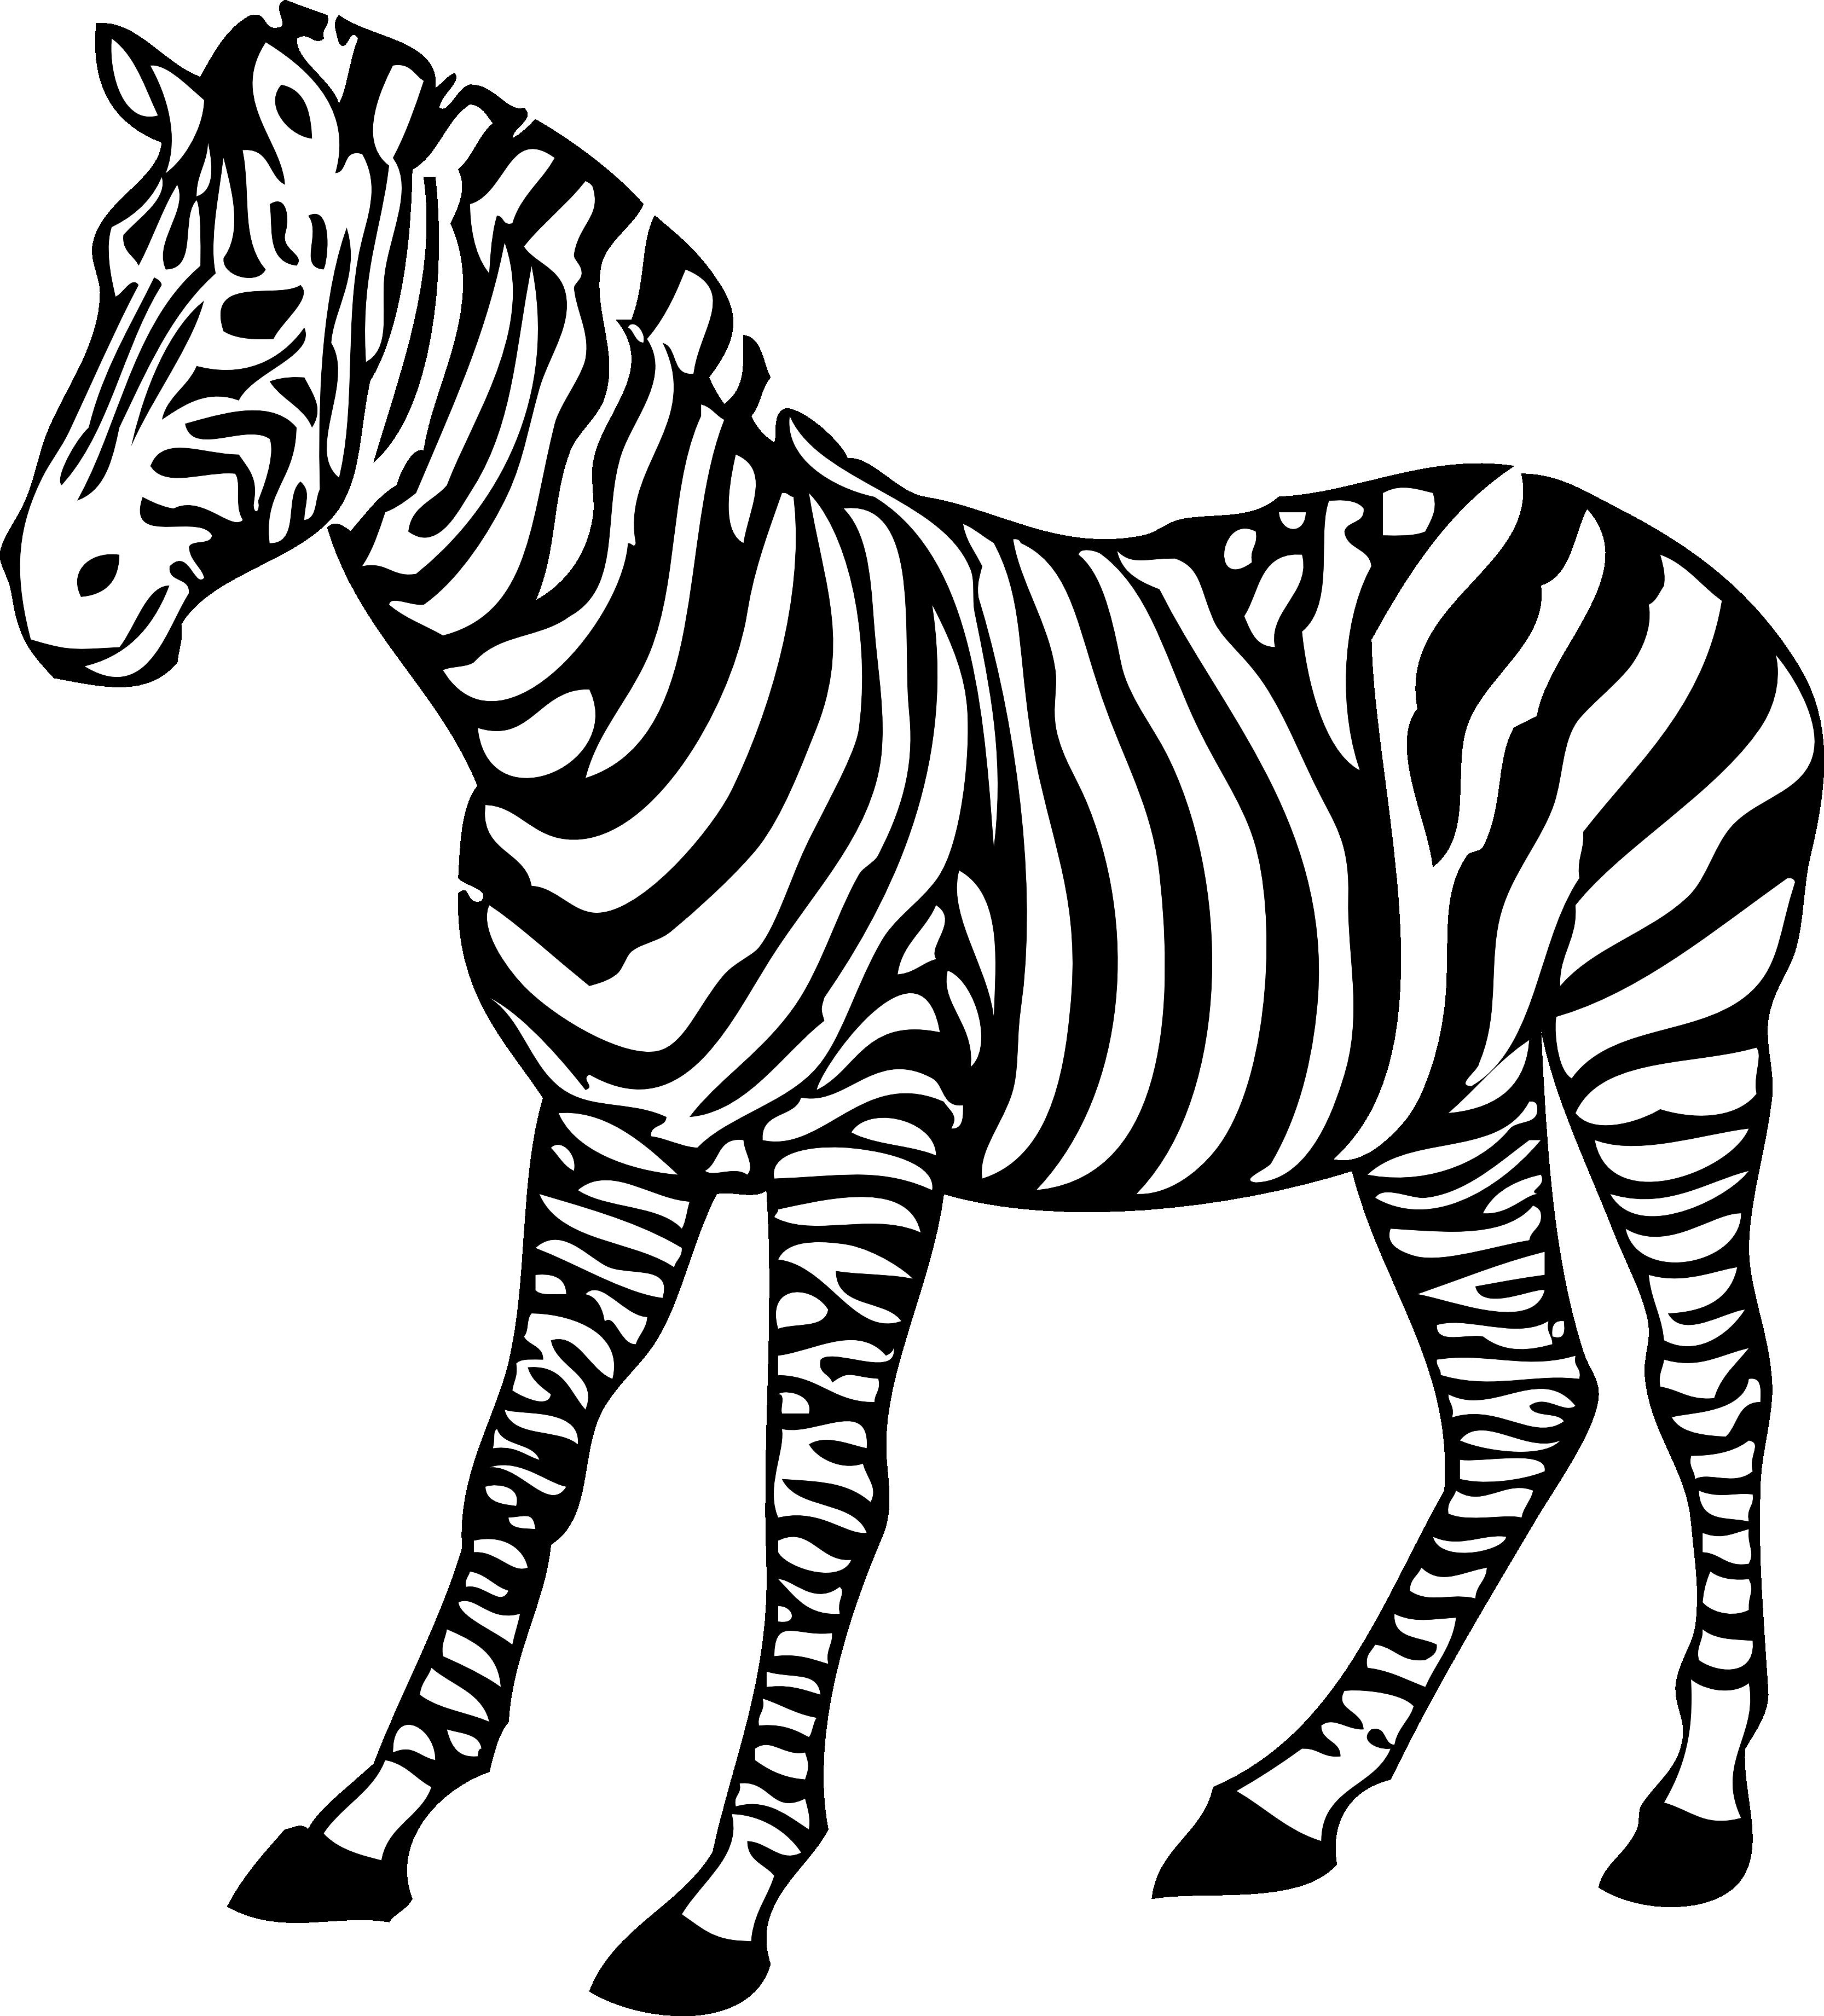 . PlusPng.com Zebra PNG images free download PlusPng.com  - Zebra PNG HD